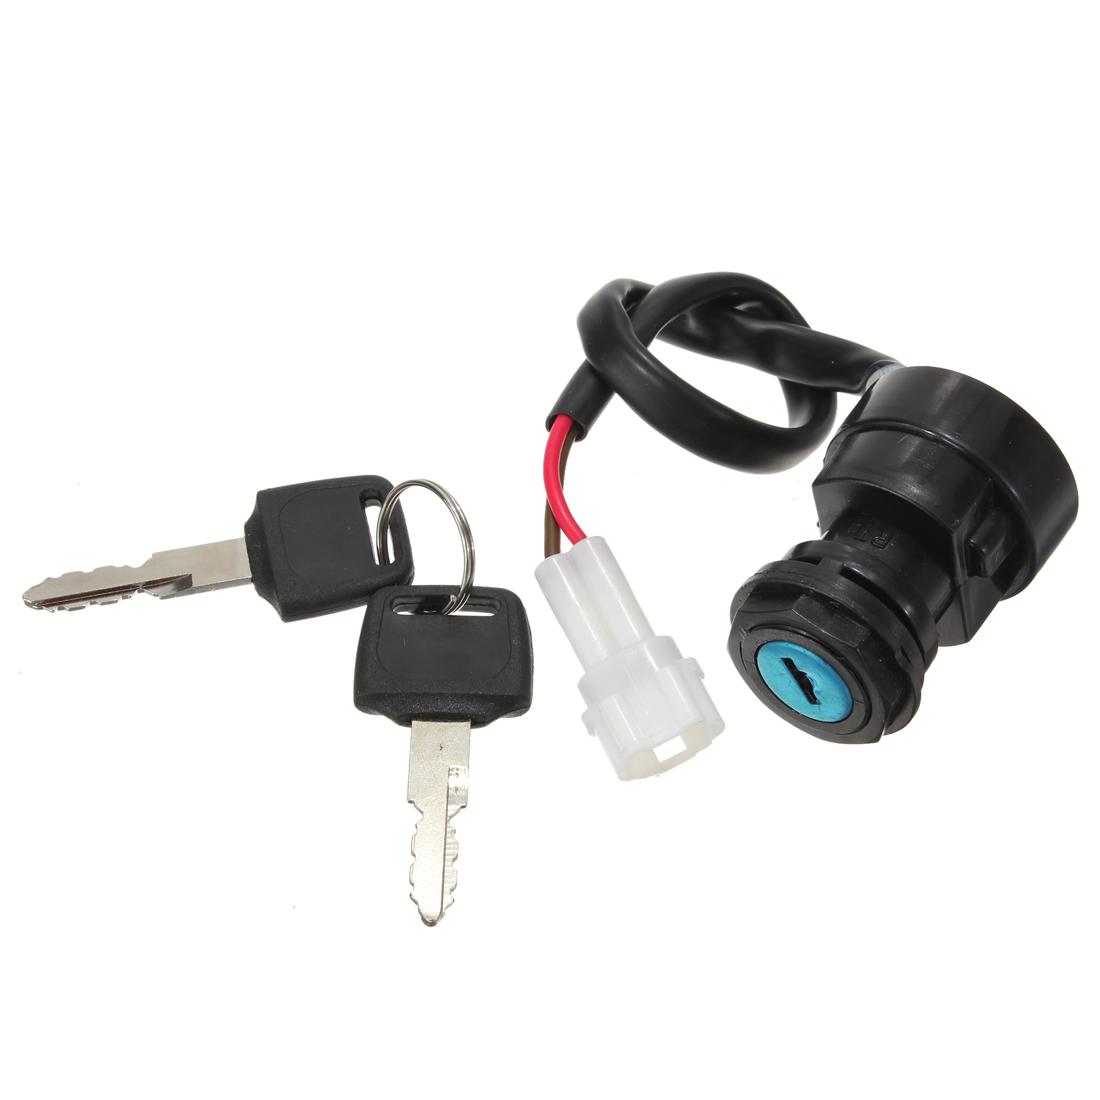 01-05 Yamaha Raptor YFM660 Motorcycle Ignition Key Switch